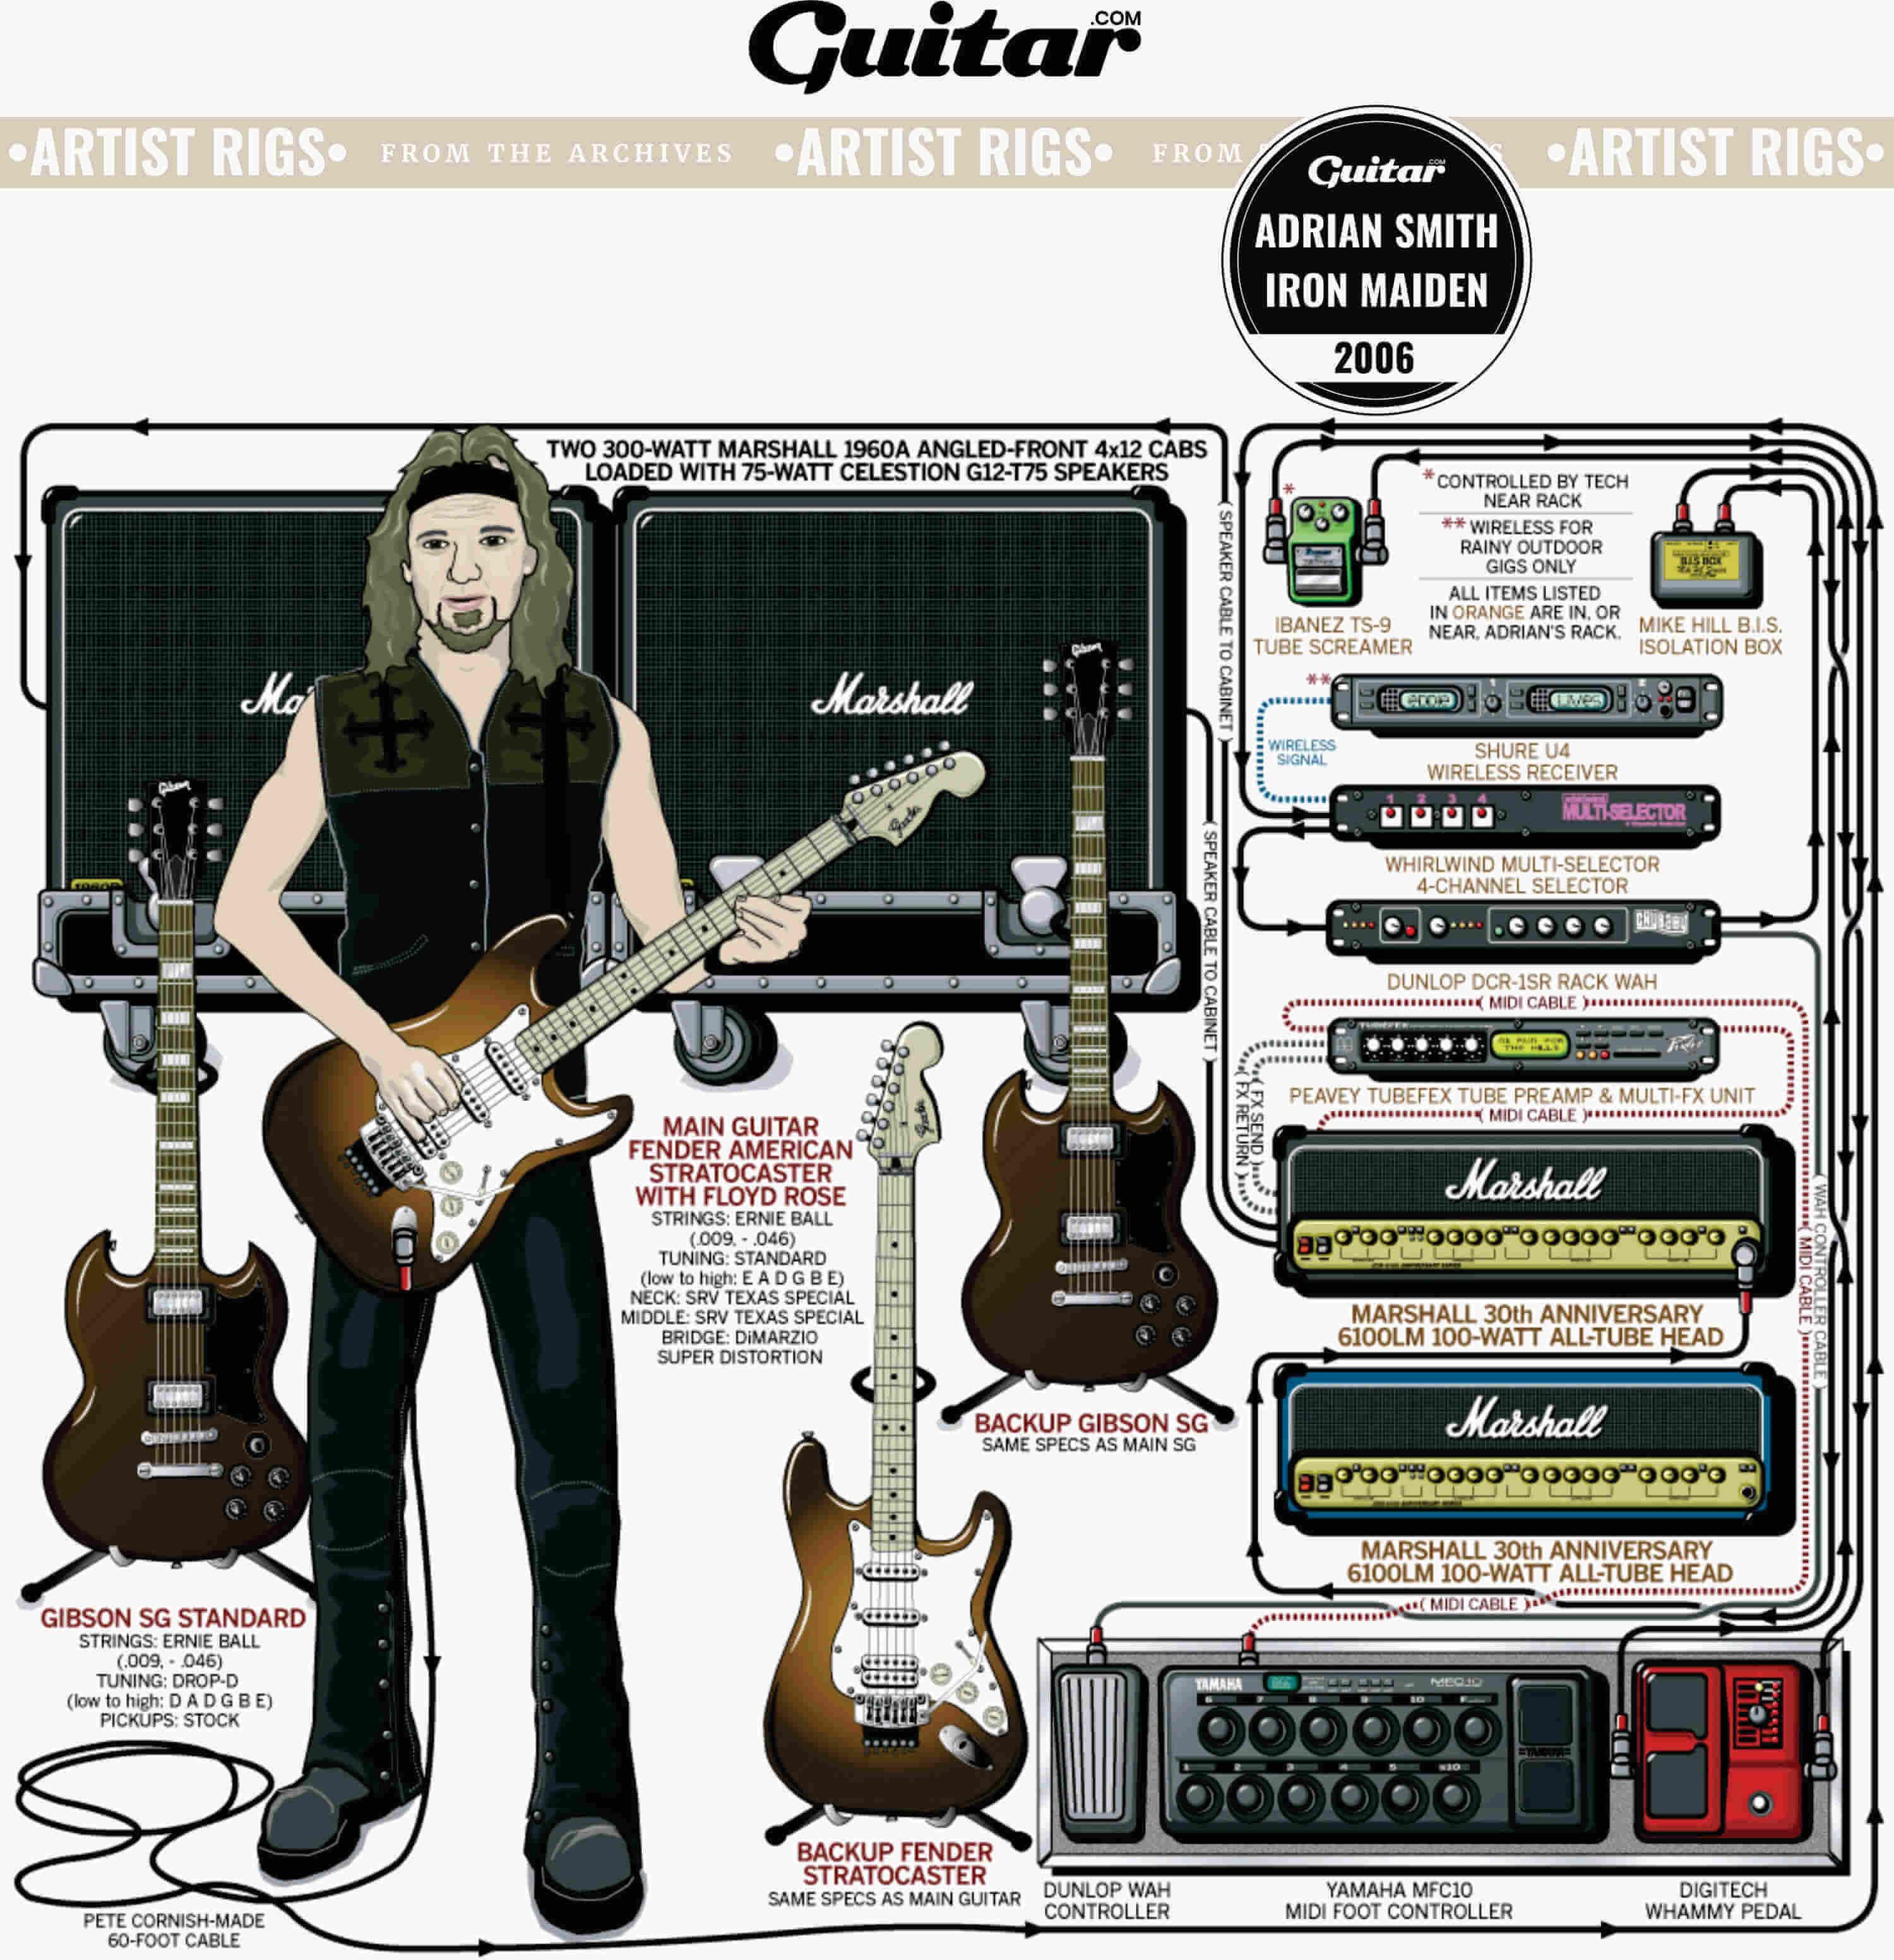 Rig Diagram: Adrian Smith, Iron Maiden (2006)